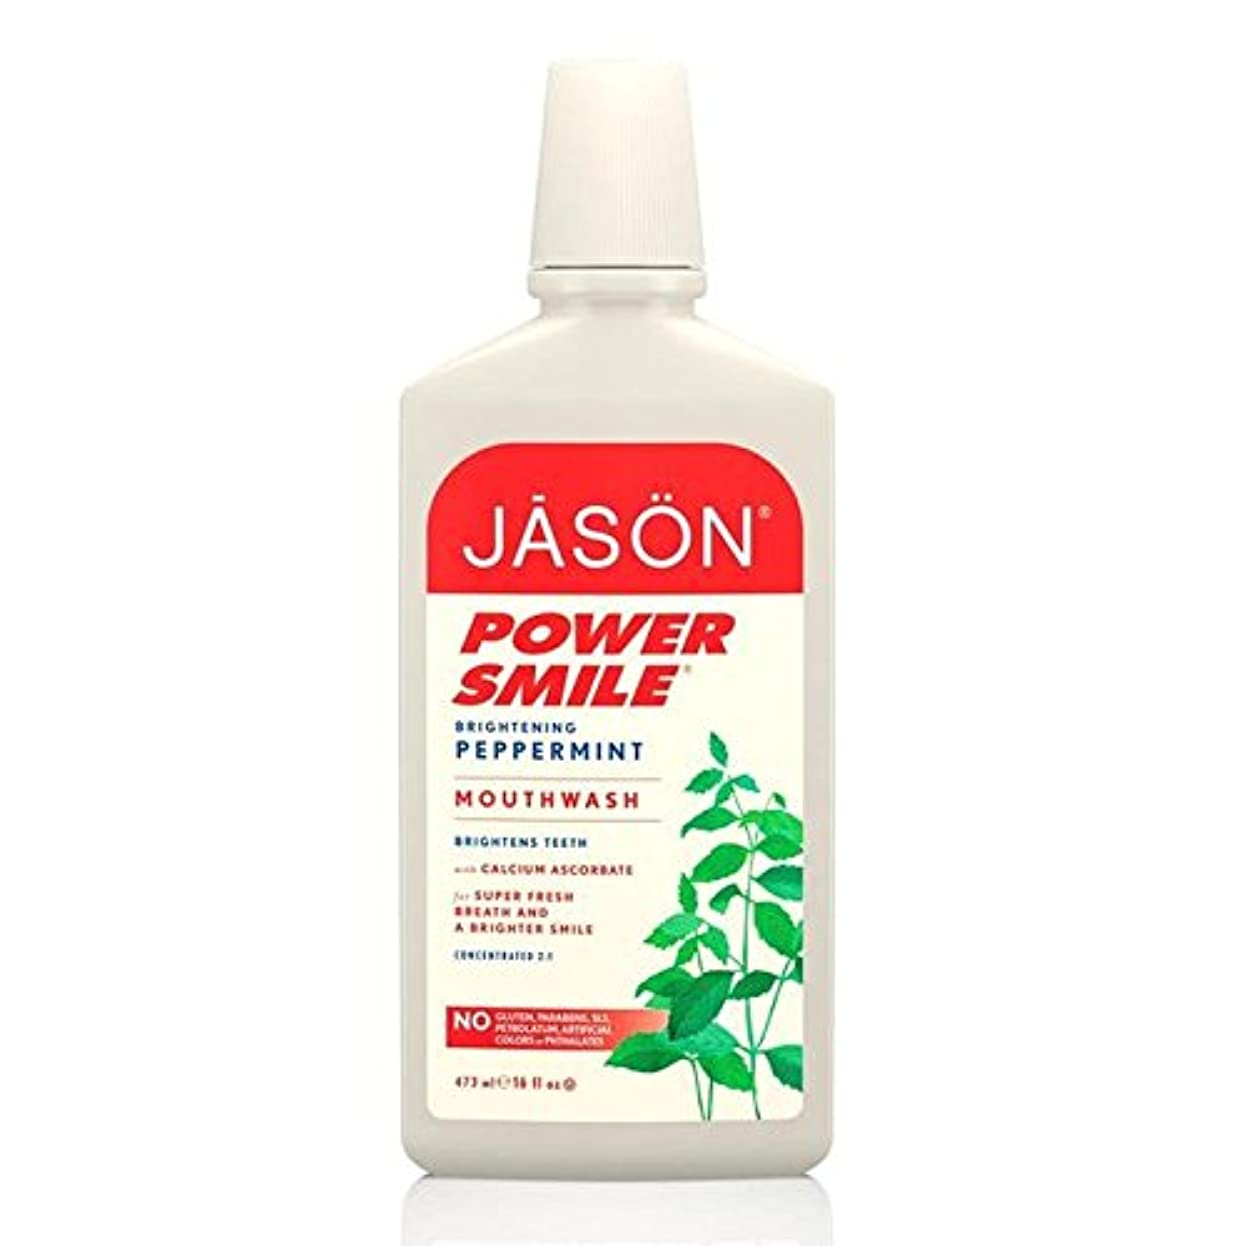 聖域プレゼンター悔い改めJason Powersmile Mouthwash 480ml (Pack of 6) - ジェイソンマウスウォッシュ480ミリリットル x6 [並行輸入品]